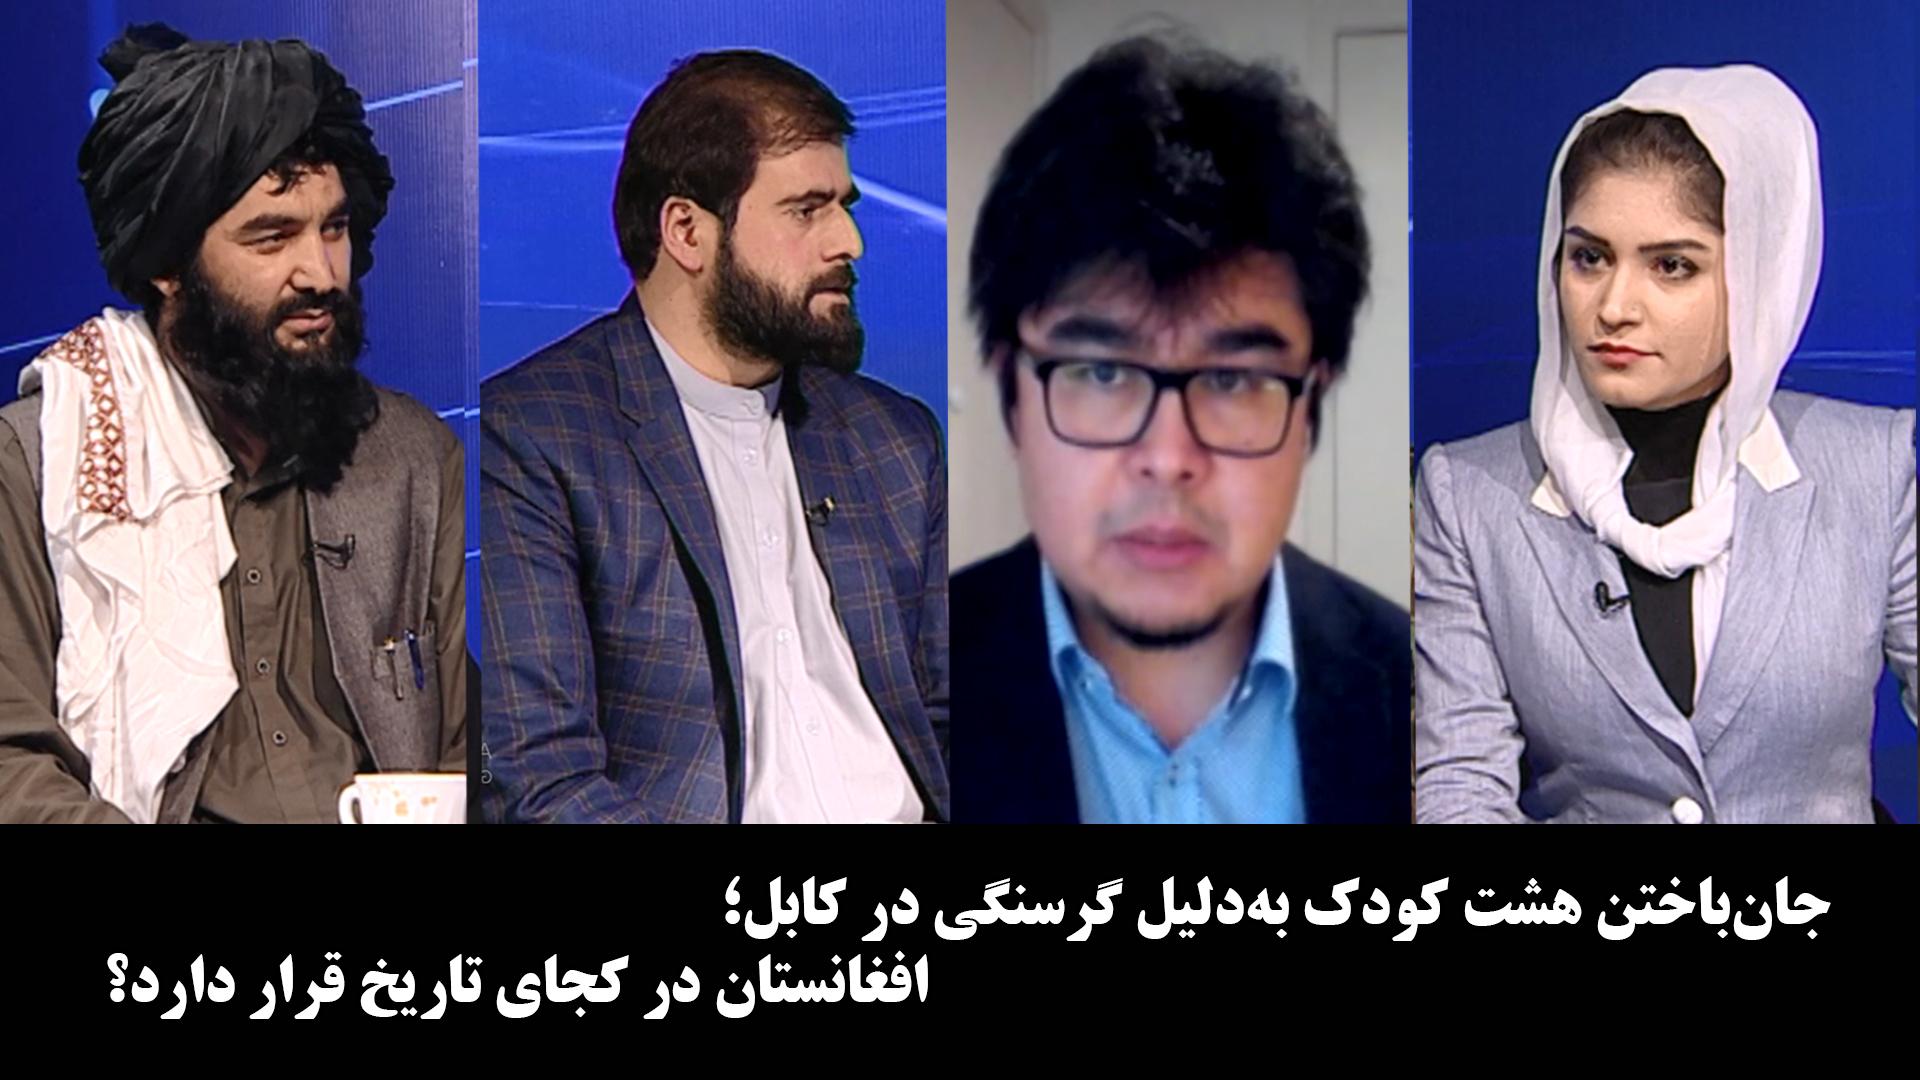 آخرخط: جانباختن هشت کودک بهدلیل گرسنگی در کابل؛ افغانستان در کجای تاریخ قرار دارد؟